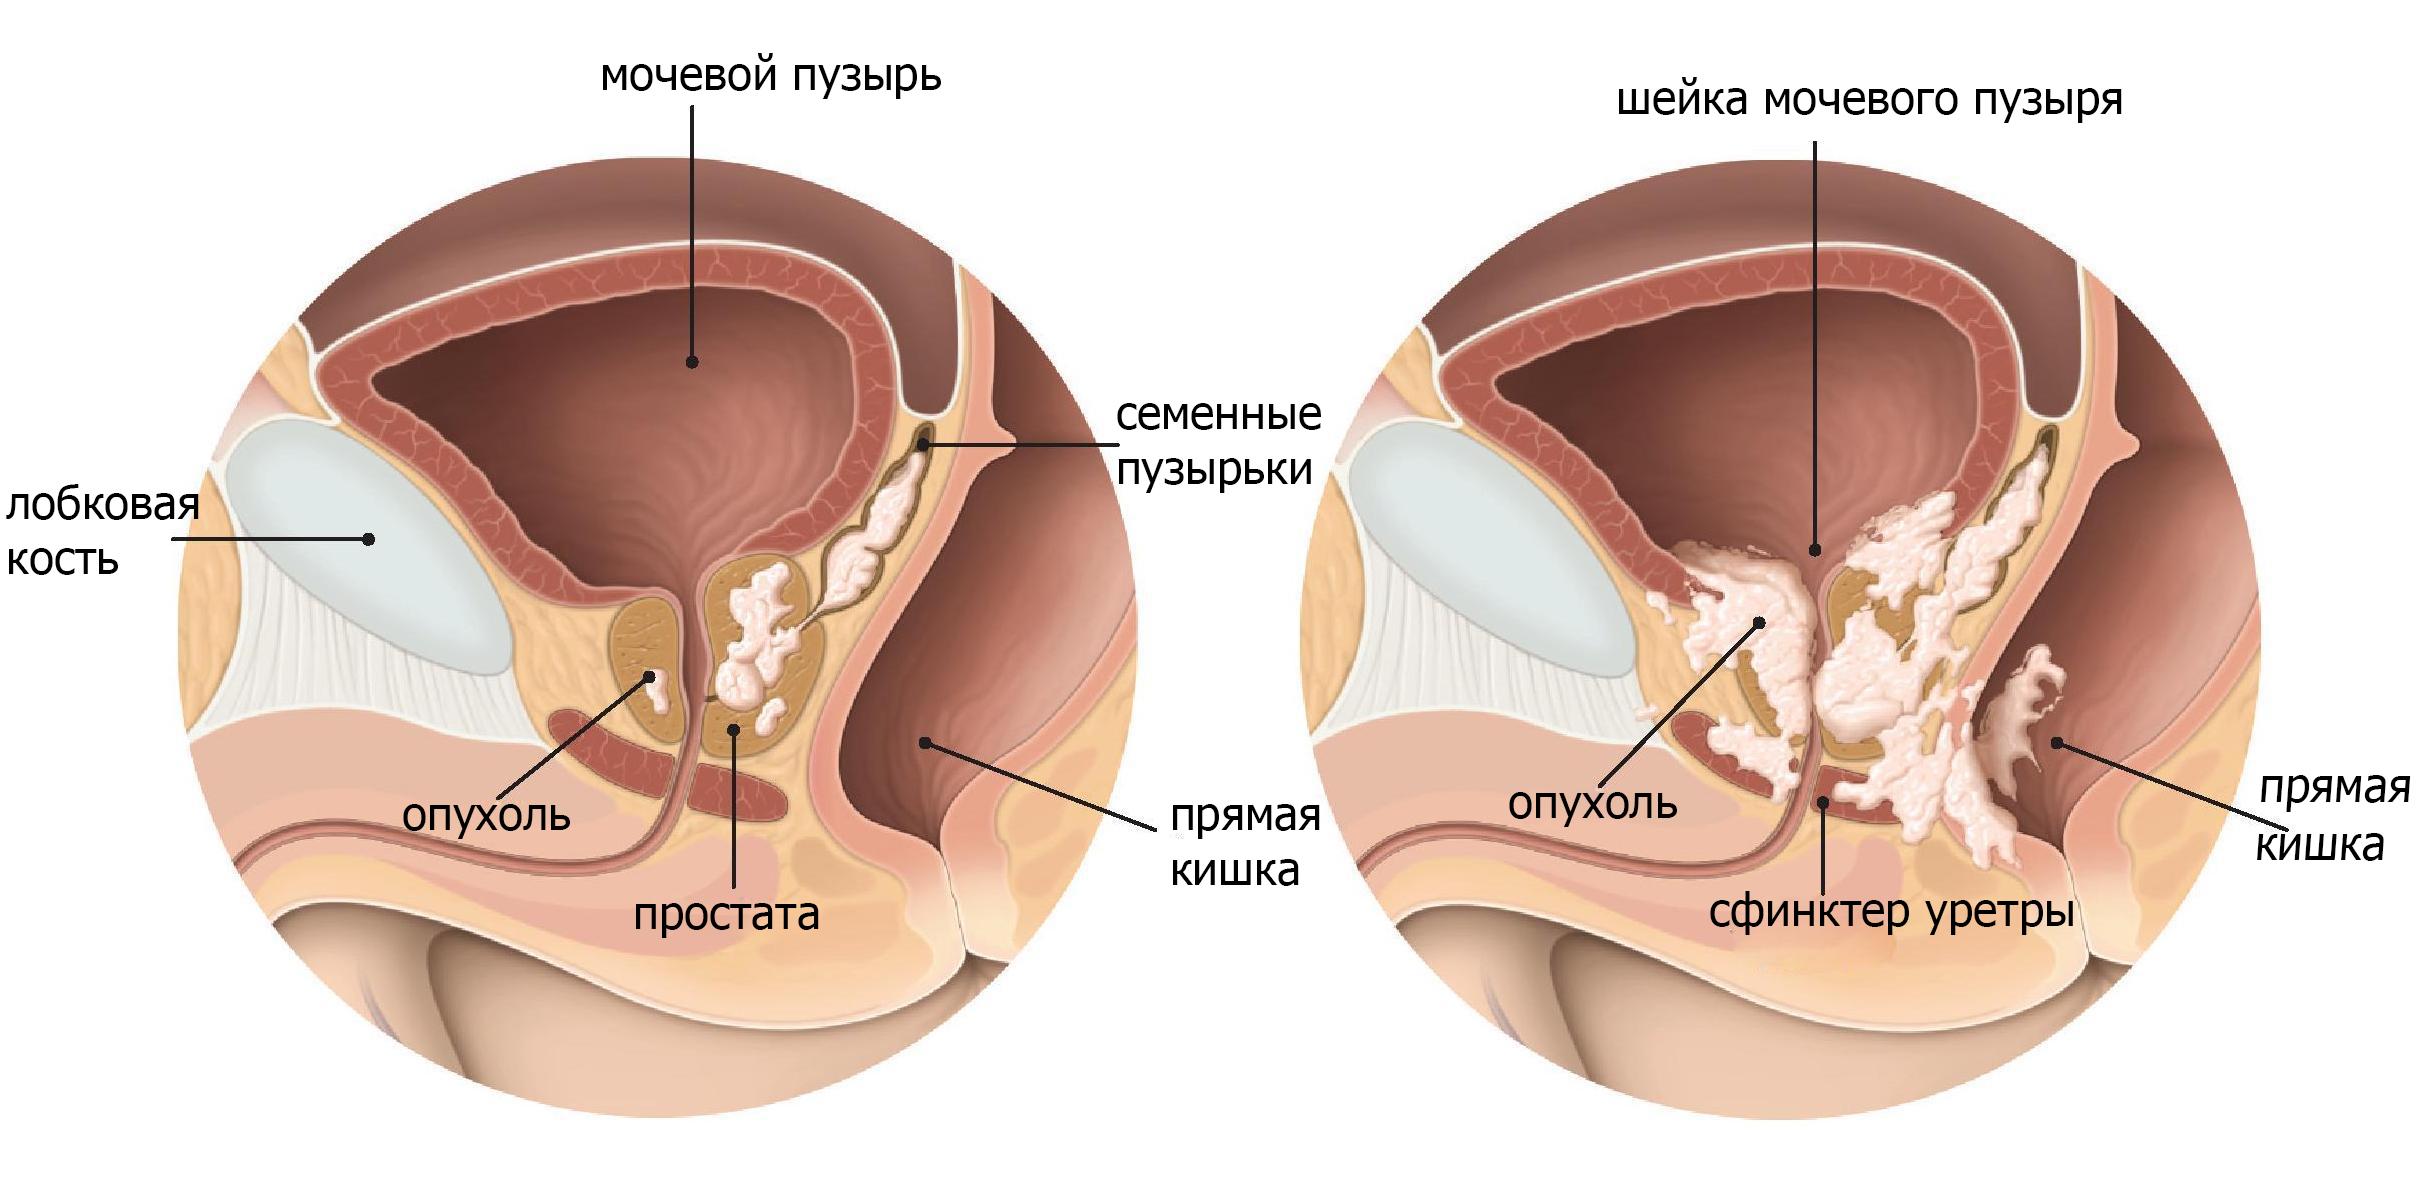 Т3 опухоль простаты распространяется